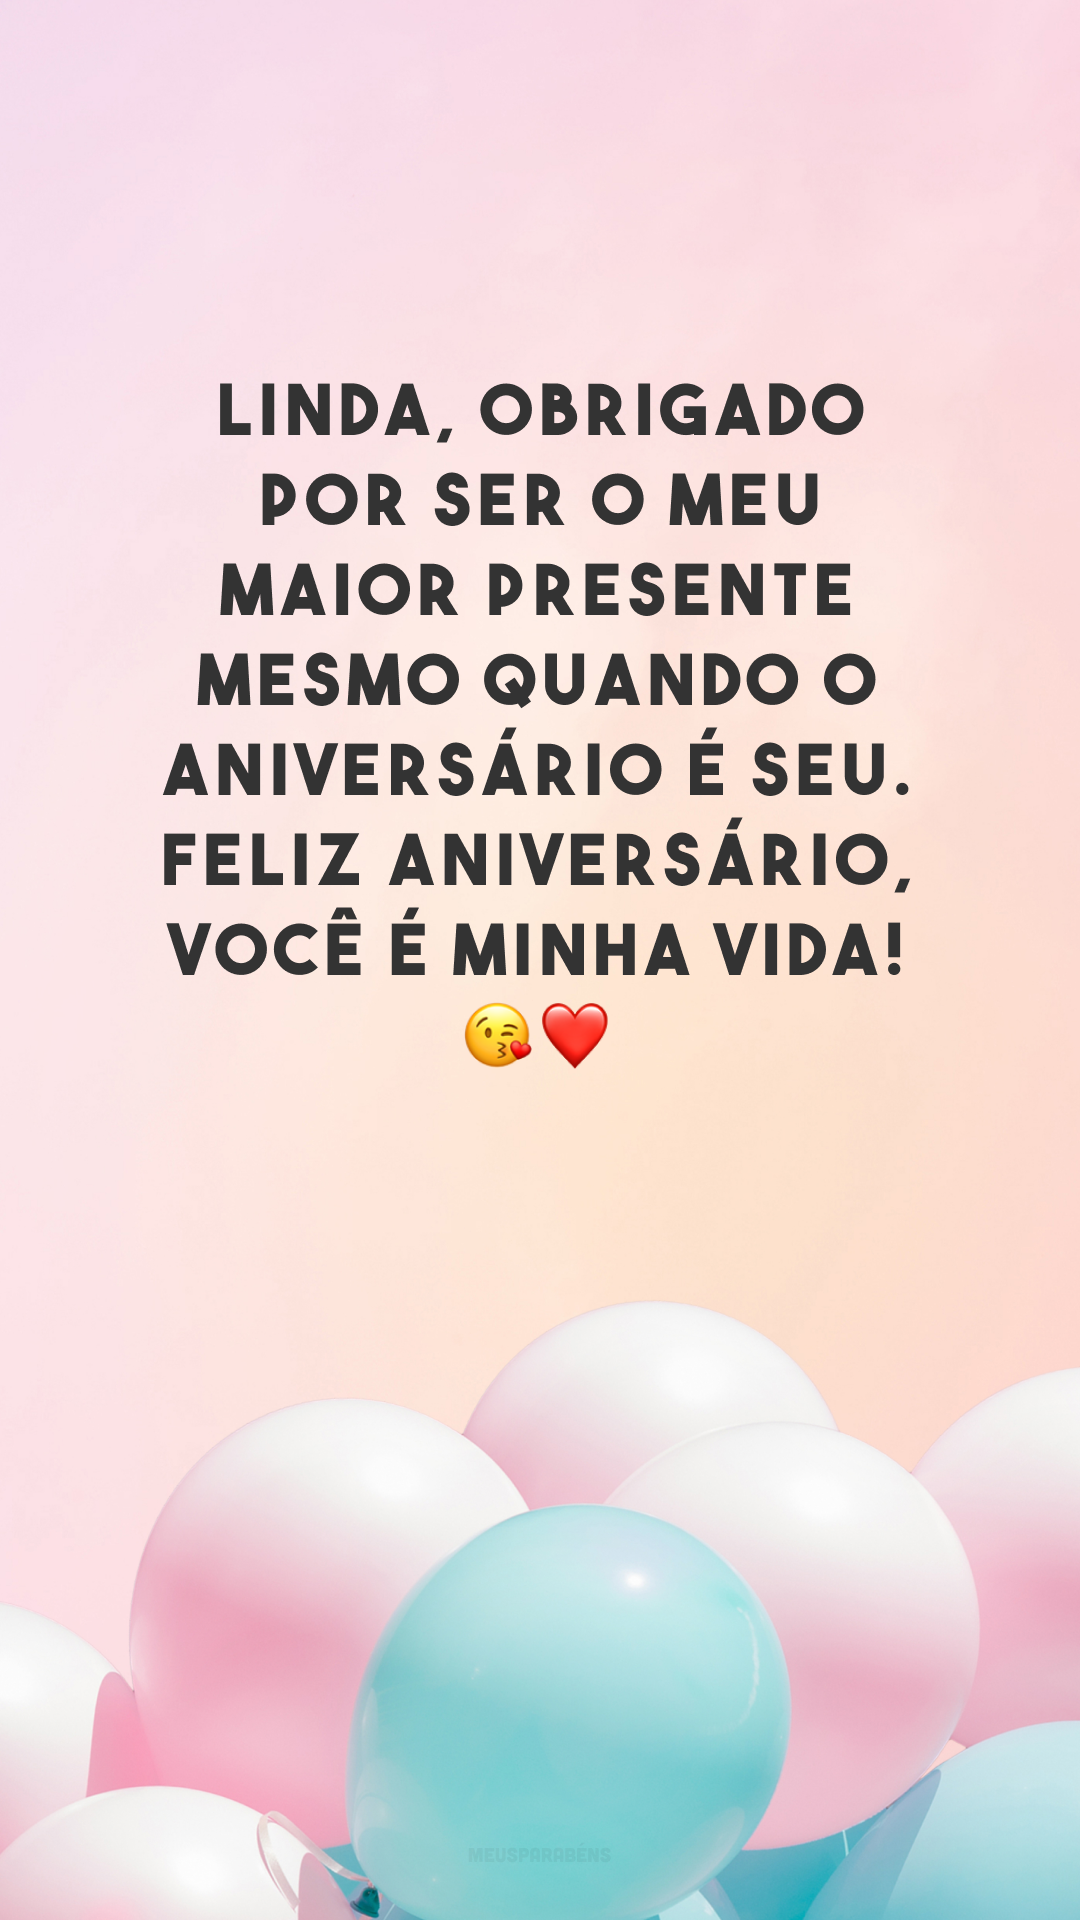 Linda, obrigado por ser o meu maior presente mesmo quando o aniversário é seu. Feliz aniversário, você é minha vida! 😘❤️